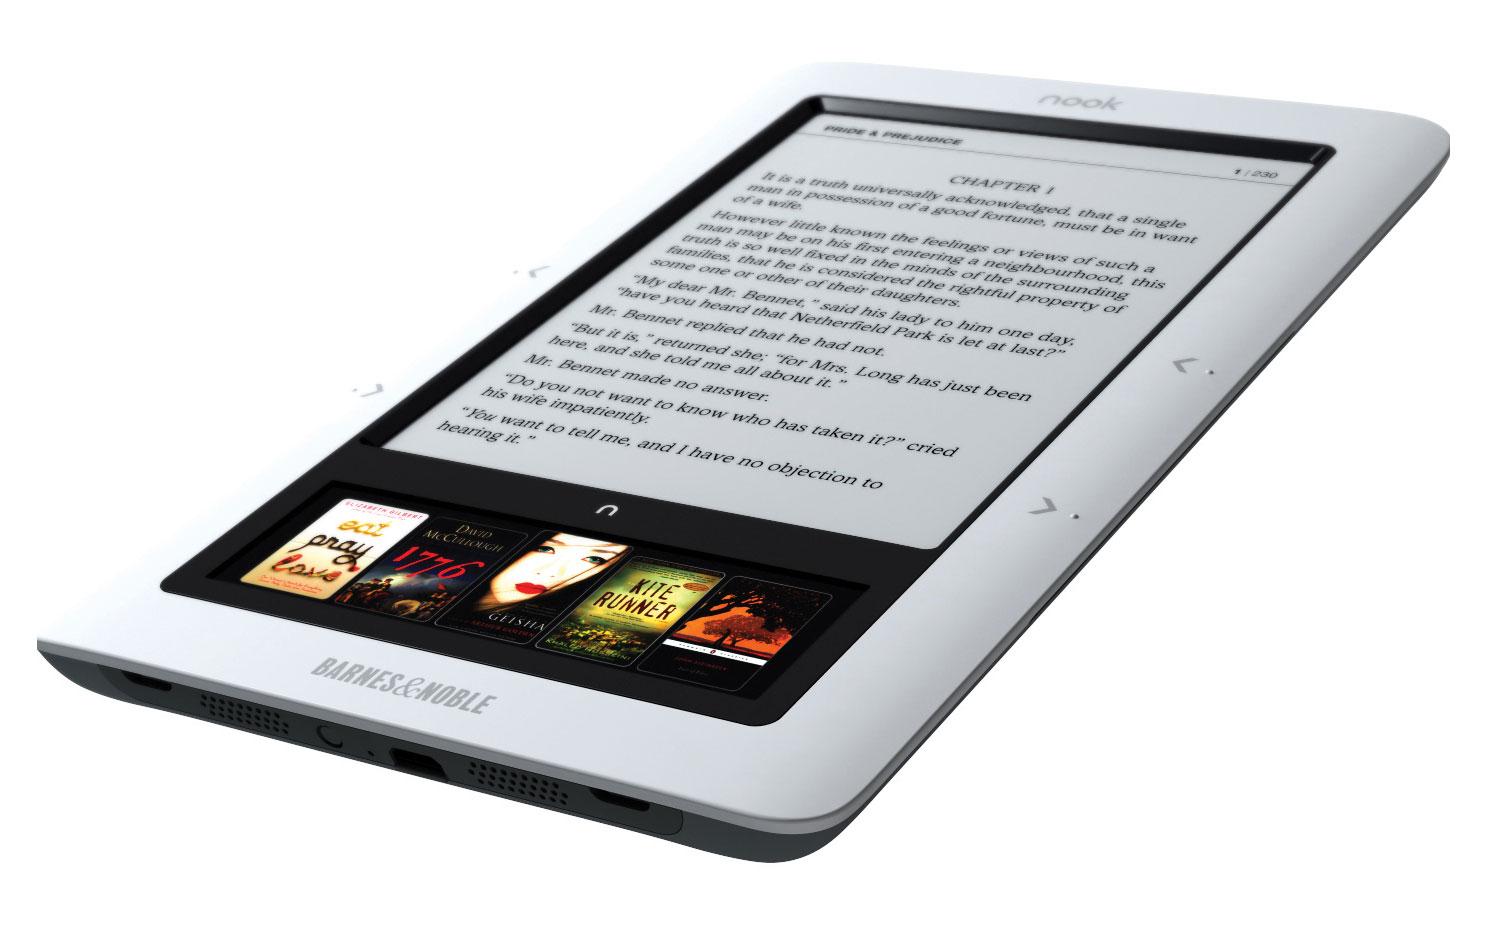 Программа для чтения книжек на планшете самсунг